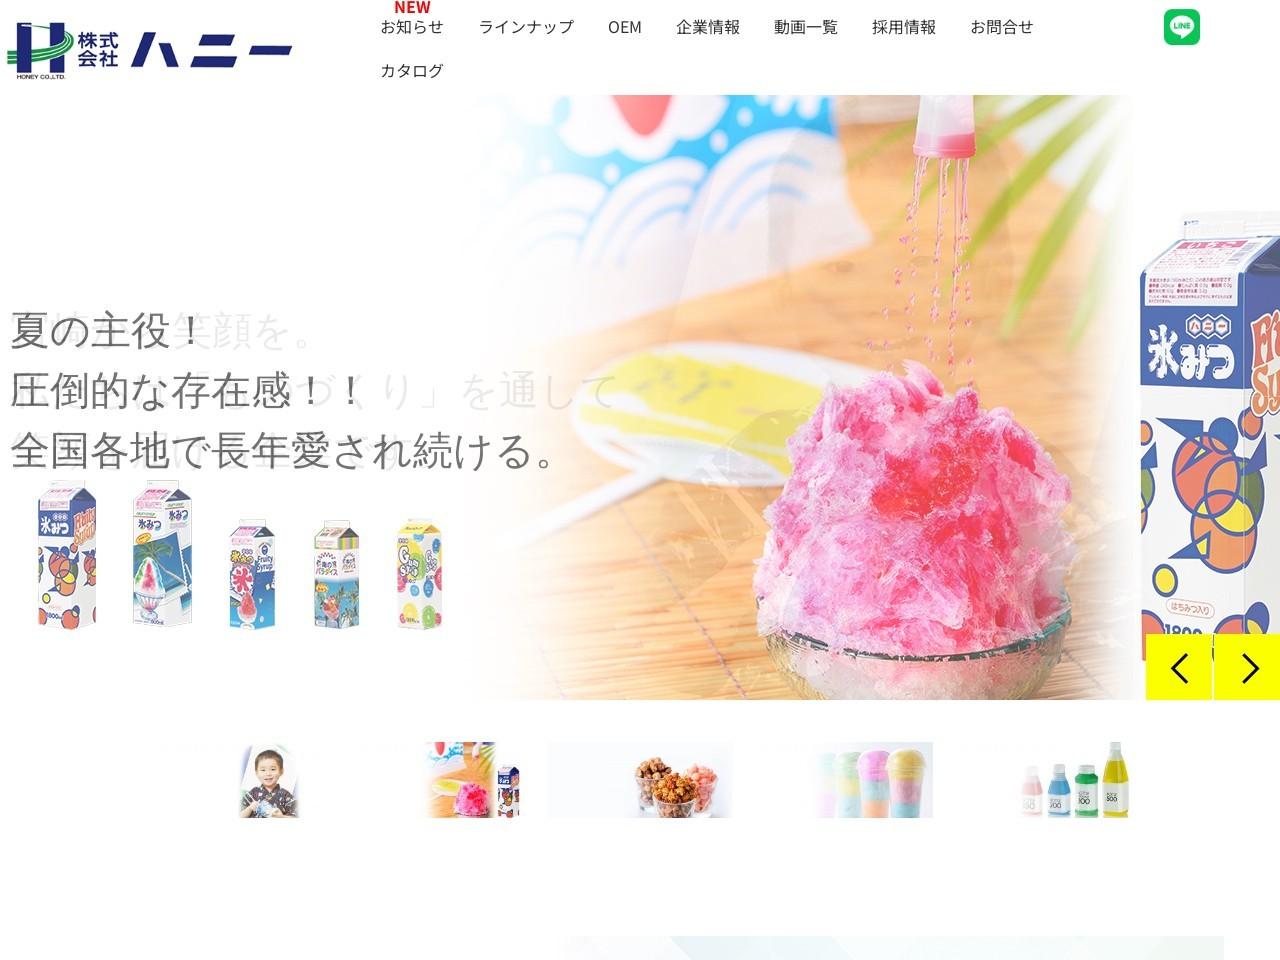 株式会社 ハニー | 氷みつ、バッテリー等の補充液、容器等の製造。宮崎県の株式会社ハニーです。